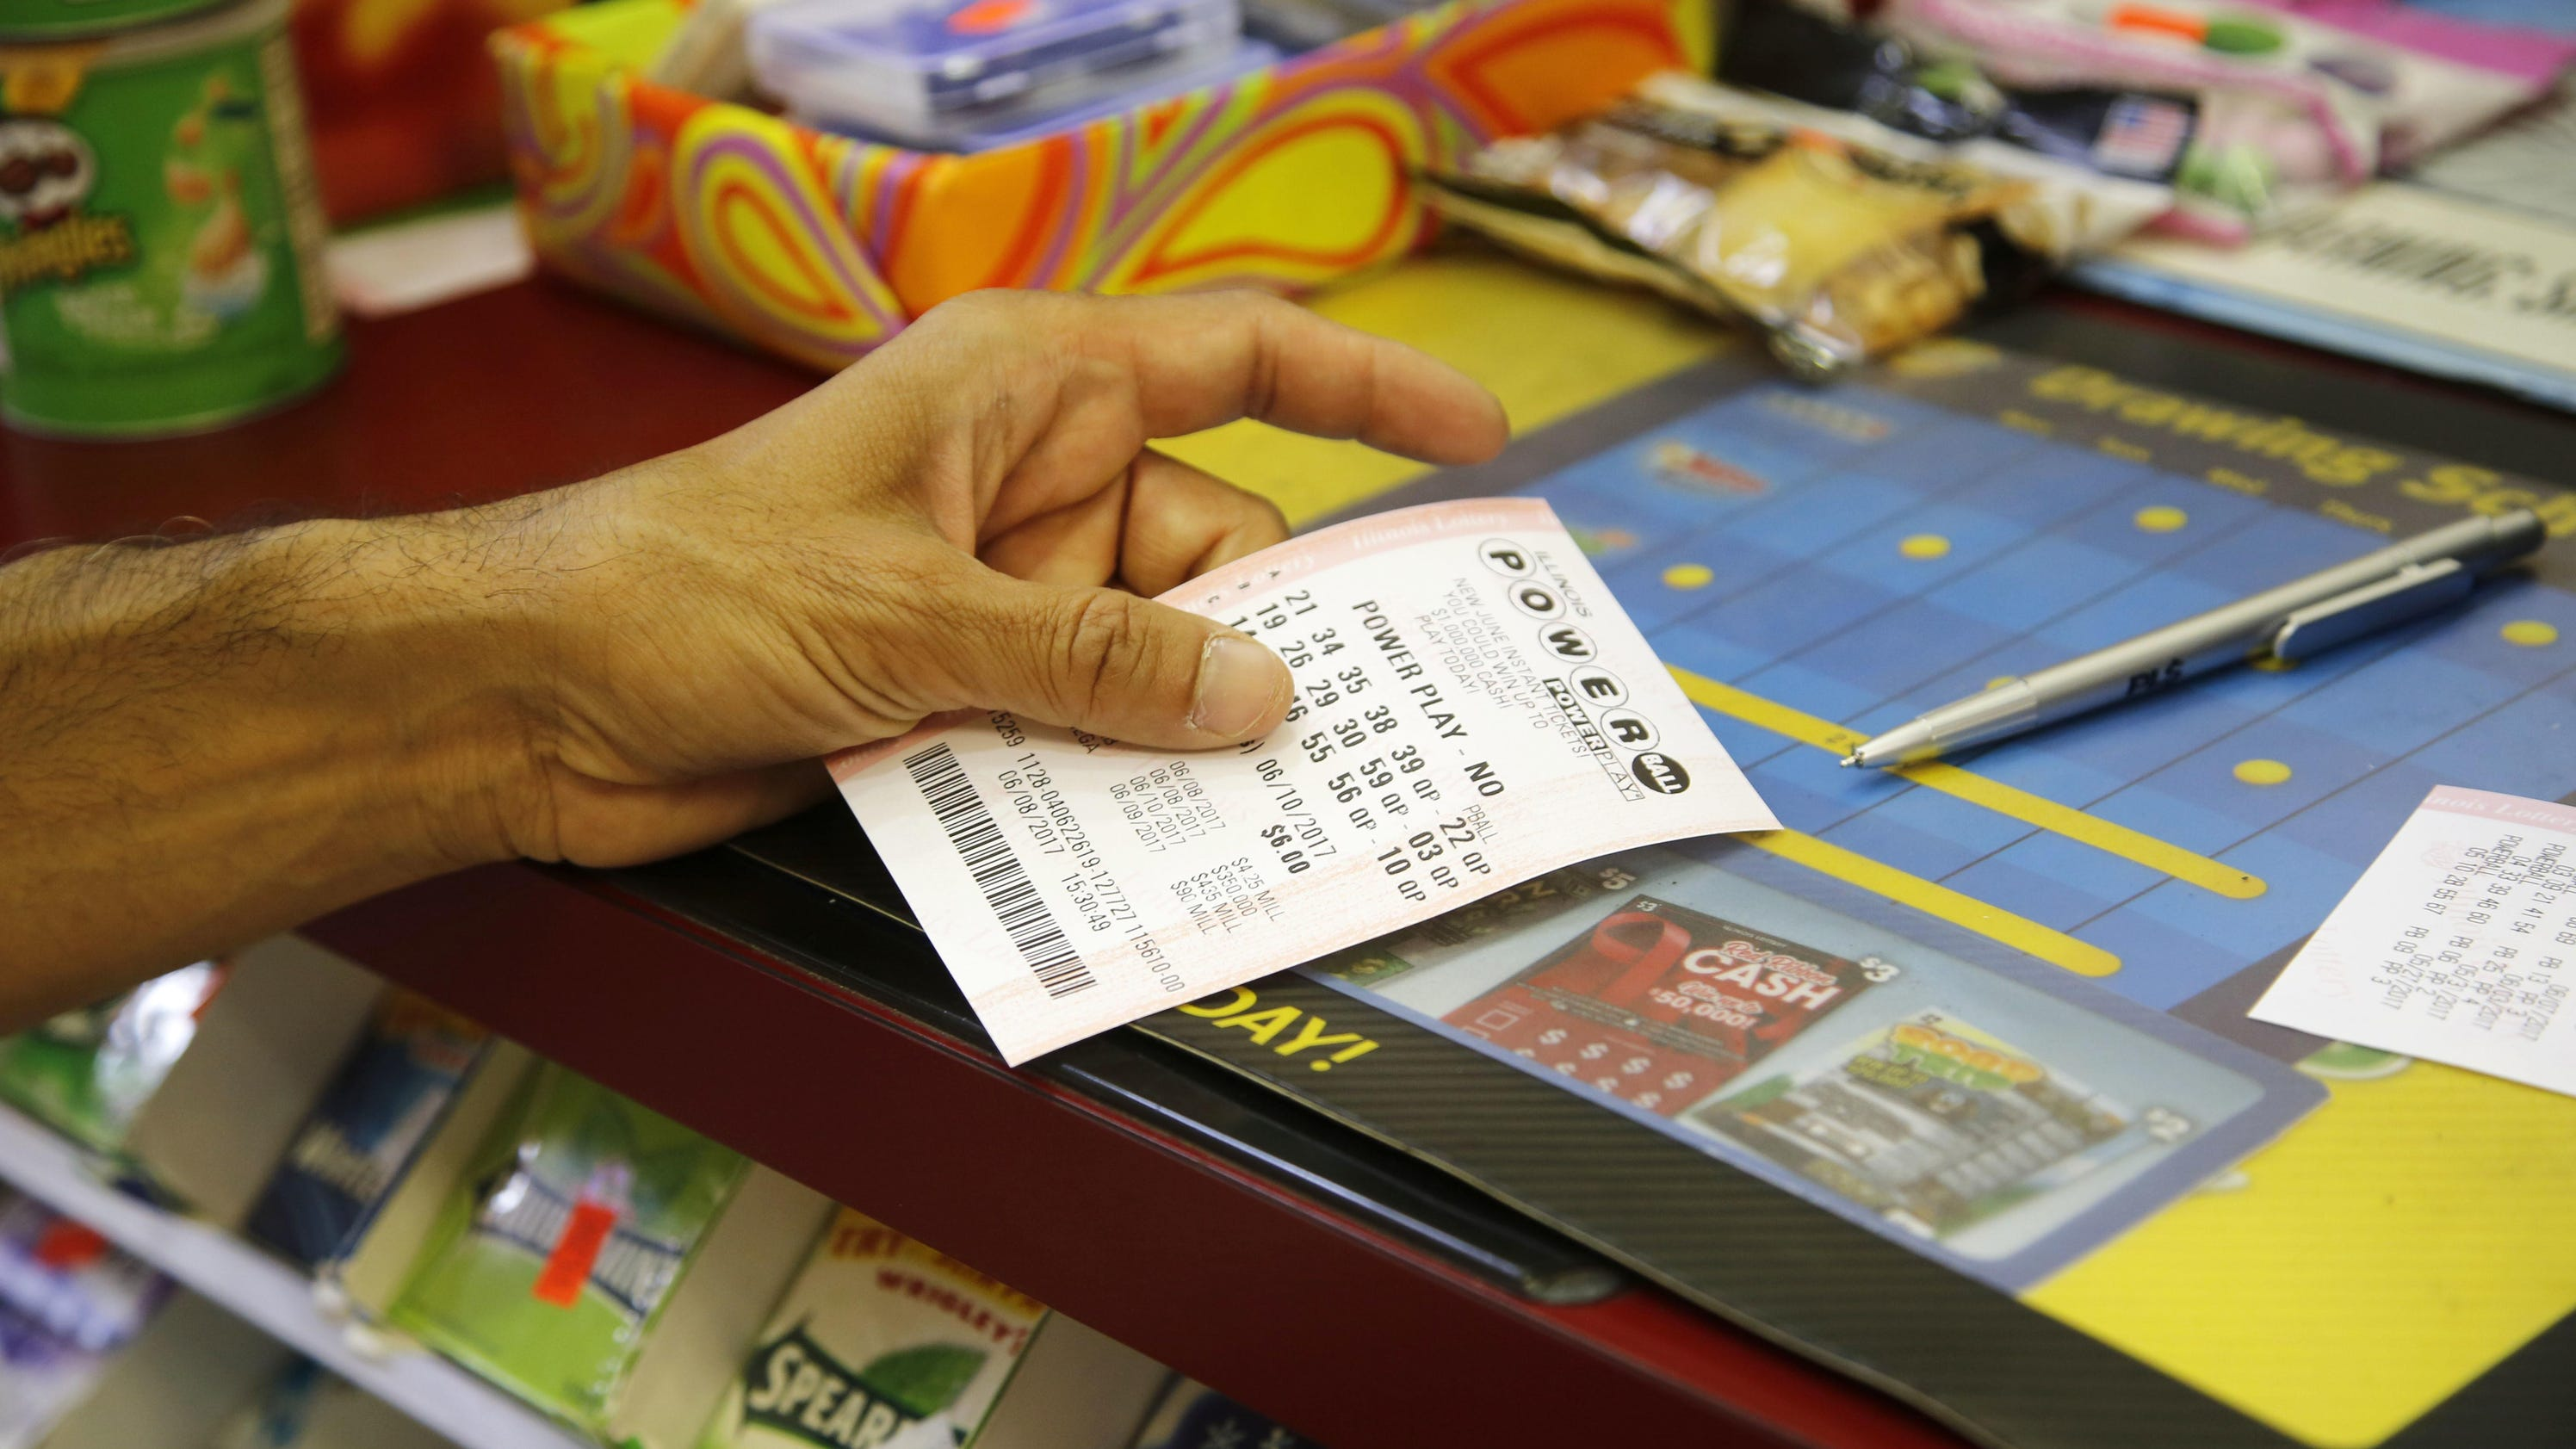 5ff8e71f6d2 cbsnews.com 1 winning Powerball ticket sold in Calif. worth  447M